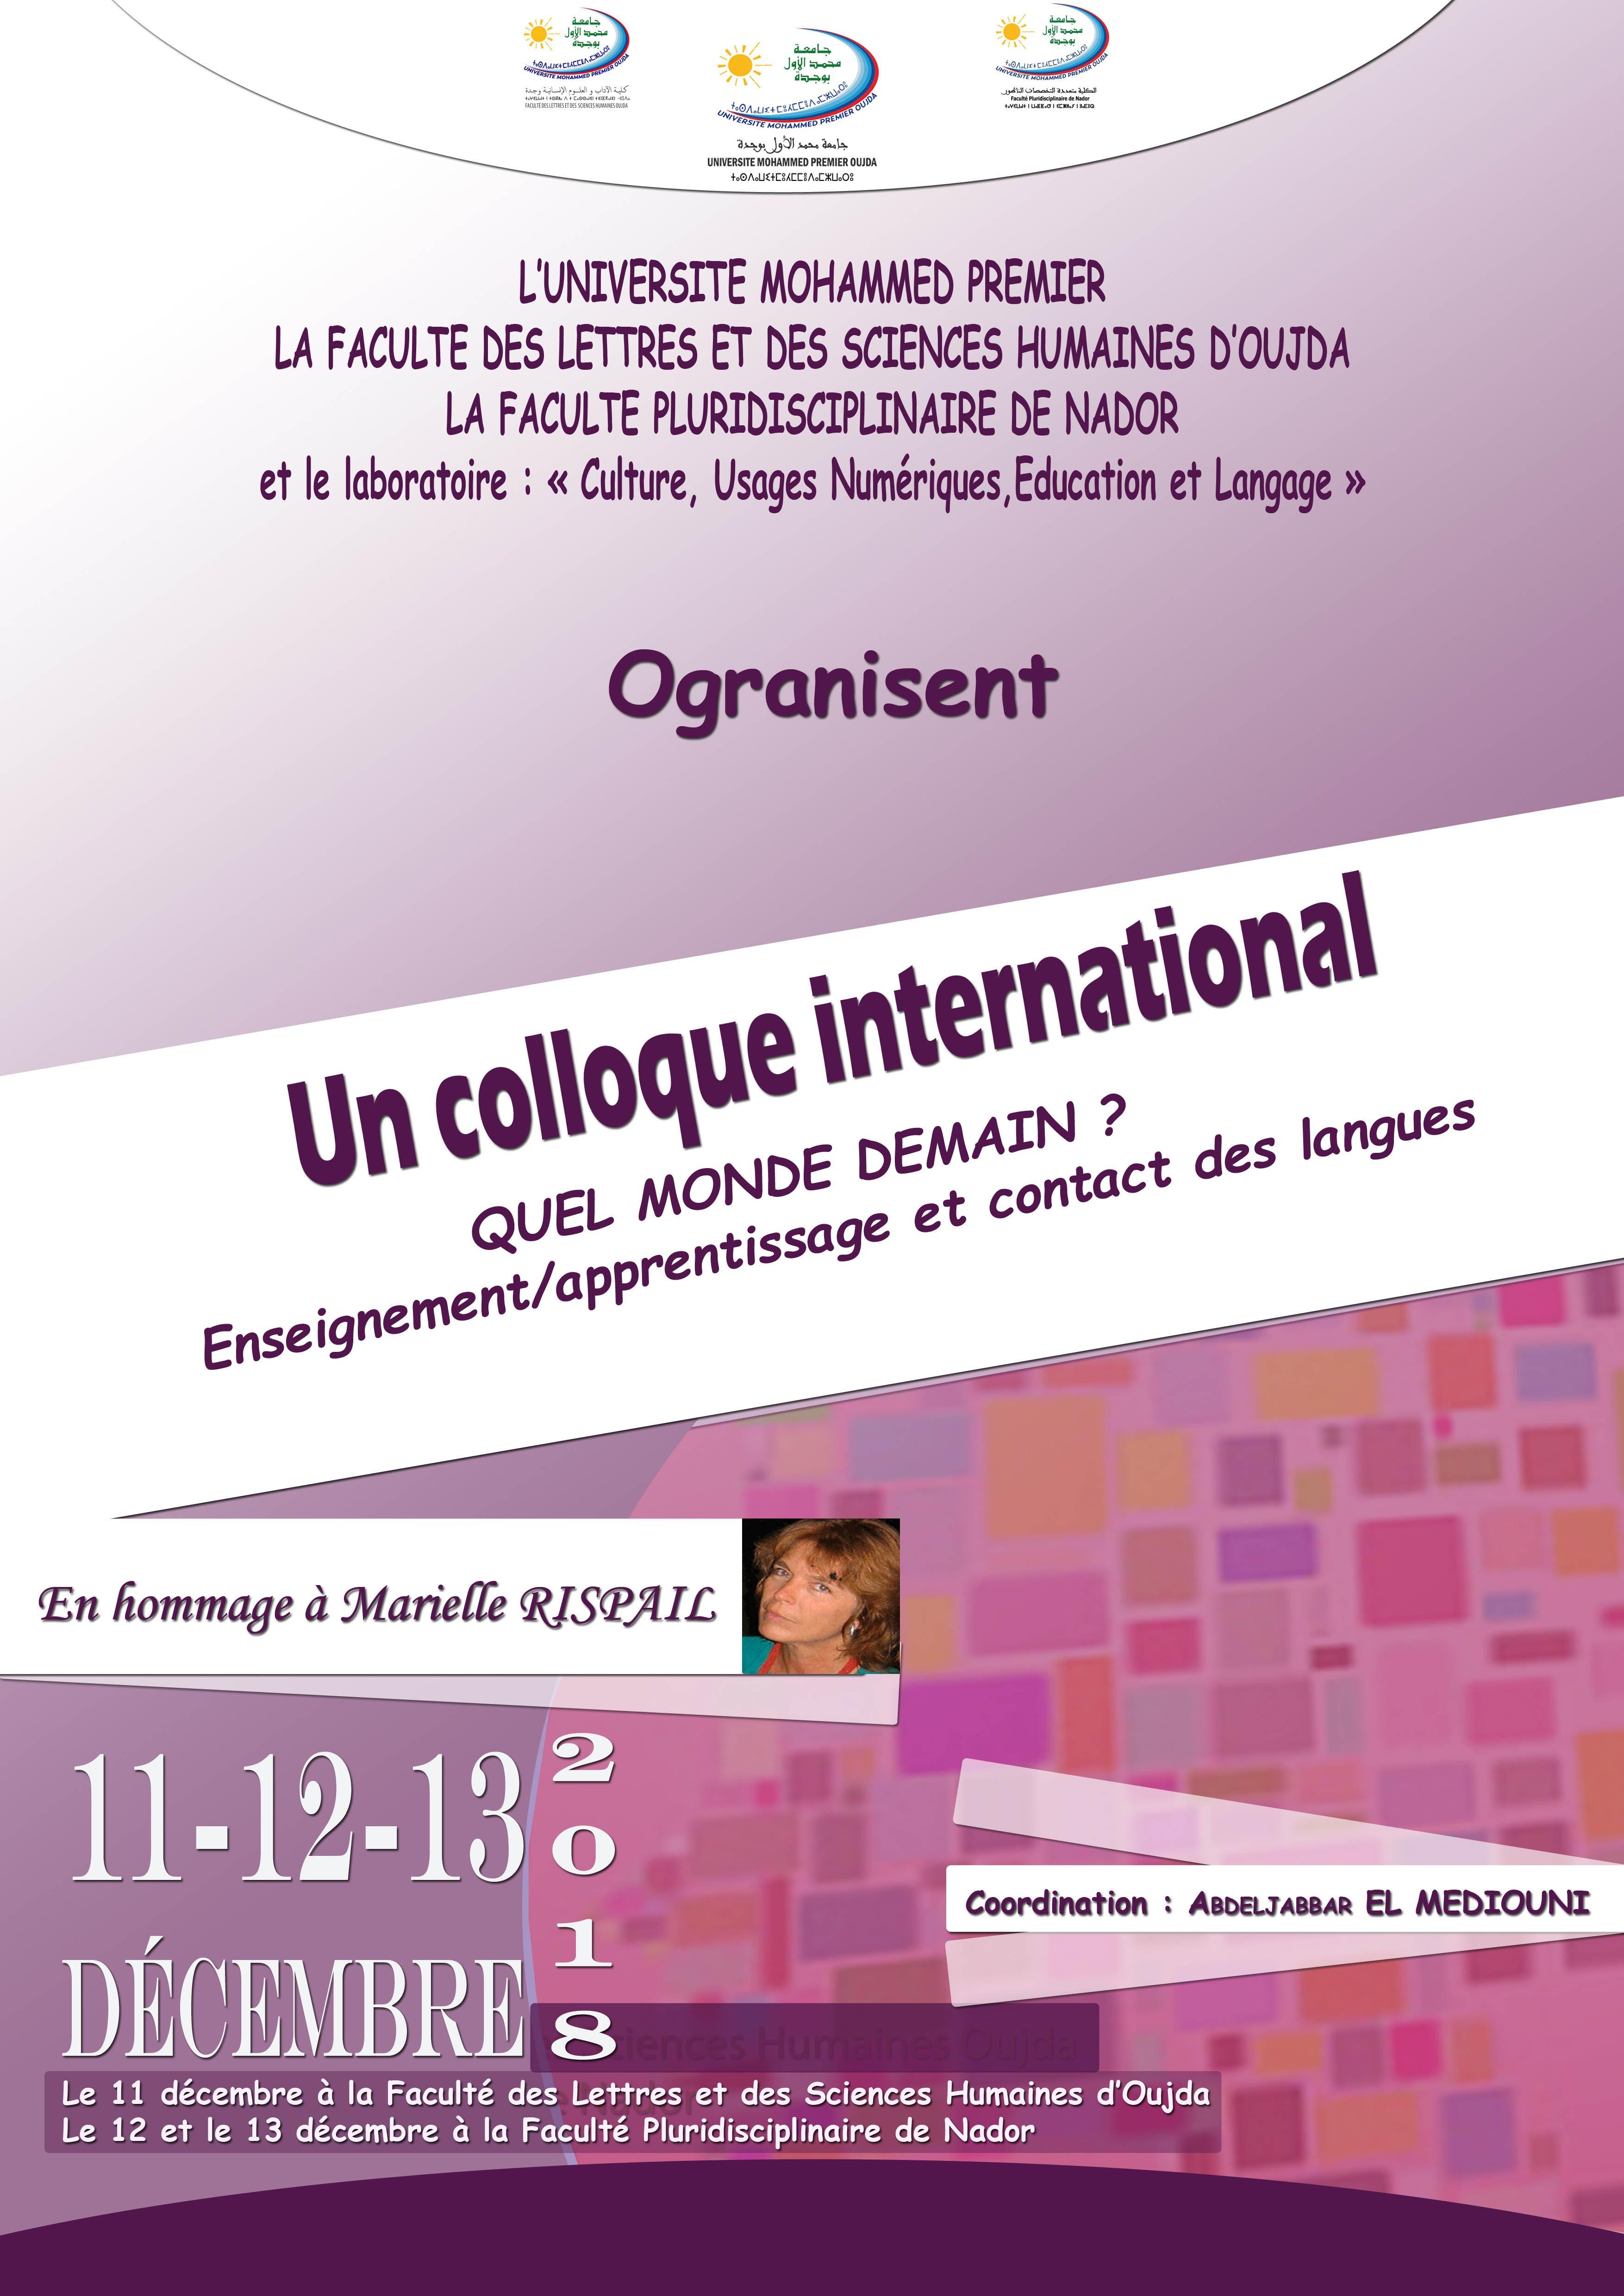 COLLOQUE INTERNATIONAL « L'ENSEIGNEMENT-APPRENTISSAGE ET L'AMÉNAGEMENT DES LANGUES »